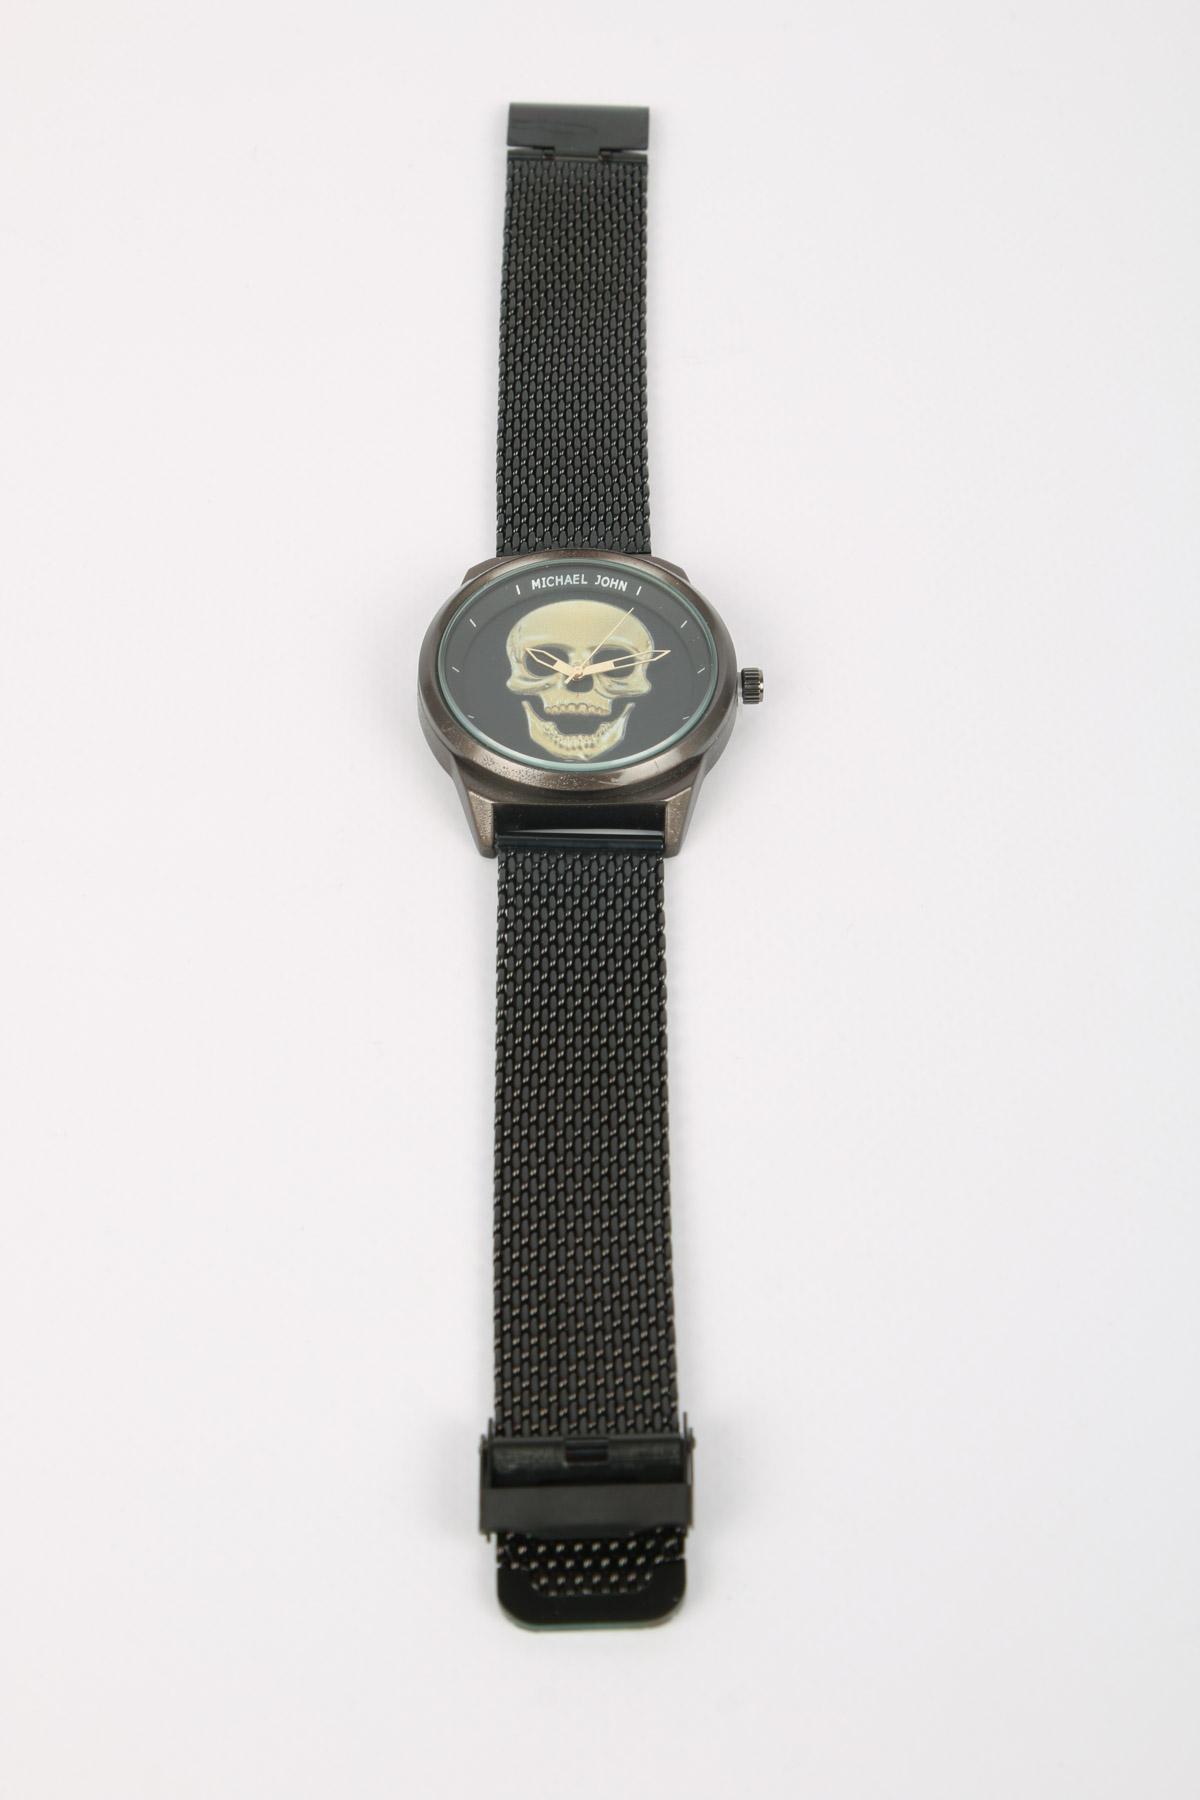 Montres Accessoires Noir MICHAEL JOHN ET GG LUXE V0091-MILANAISE #c eFashion Paris